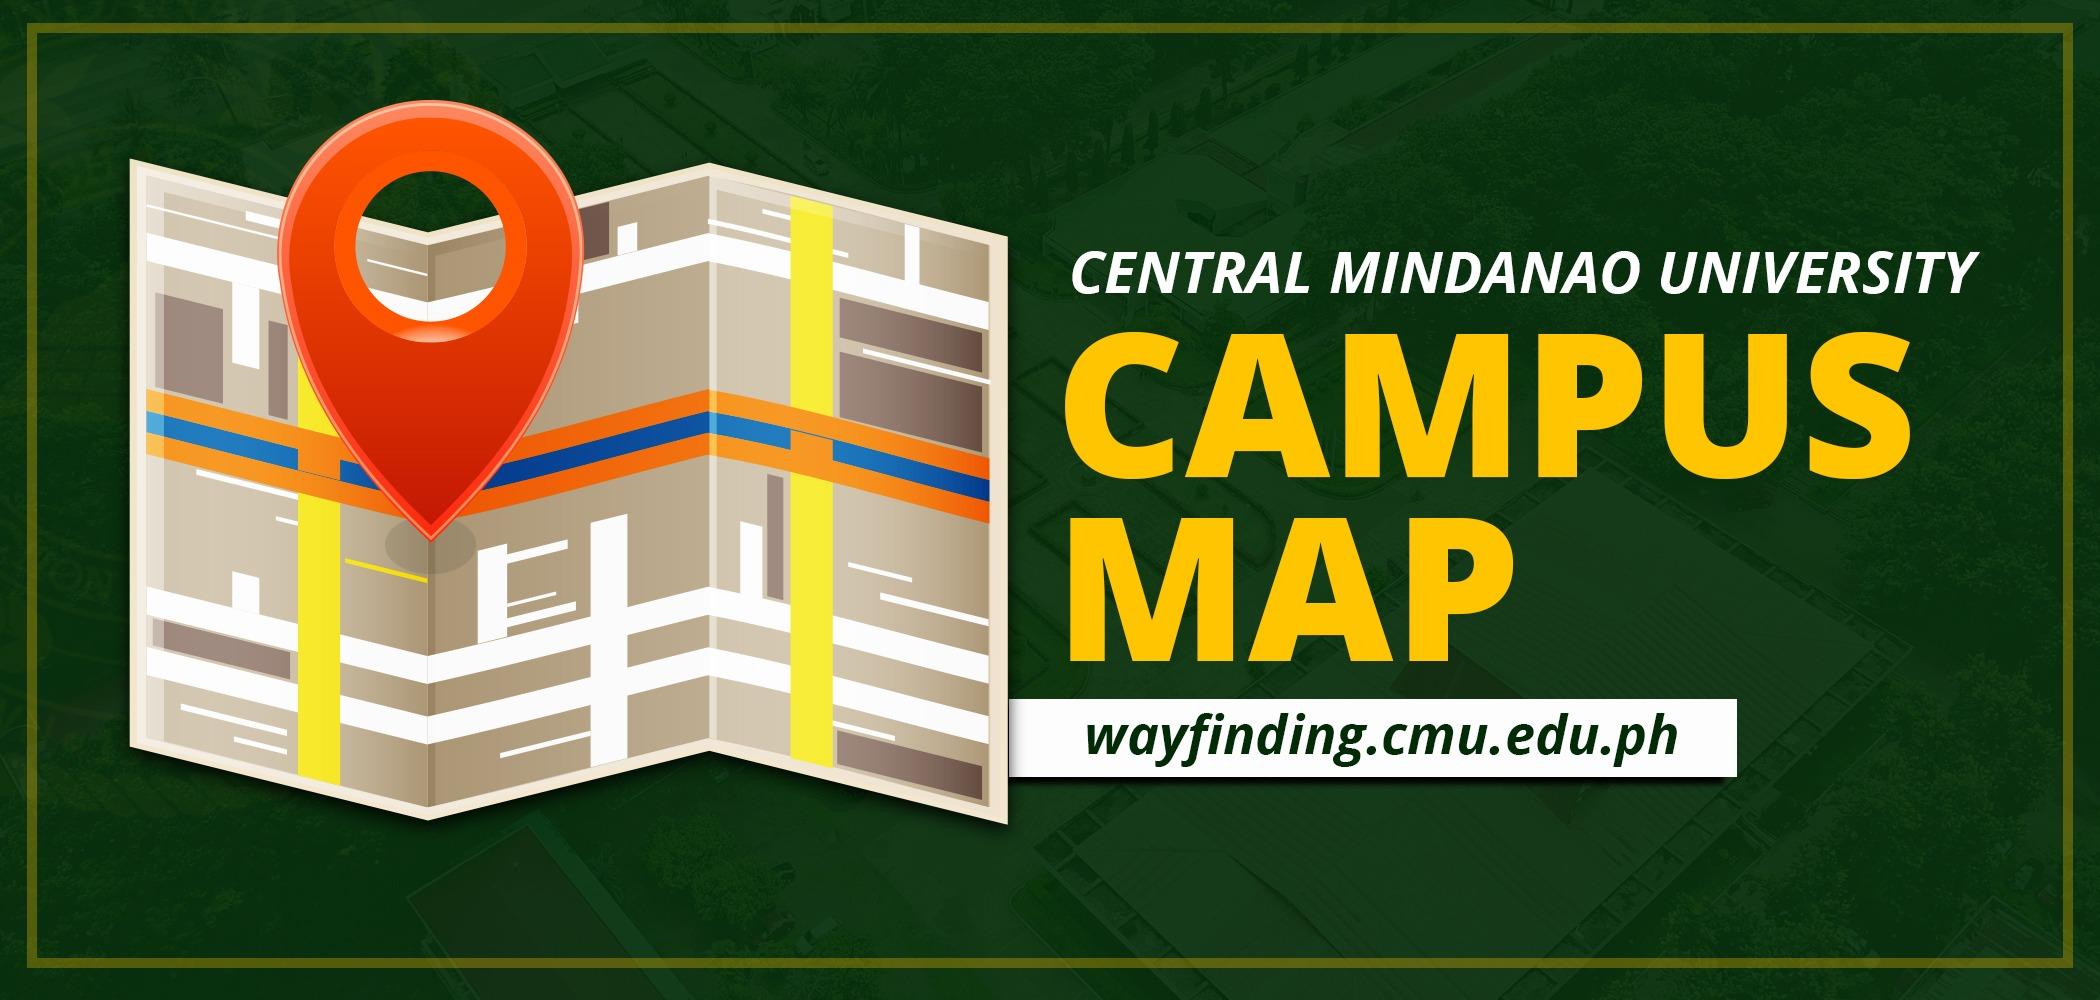 CMU Wayfinding